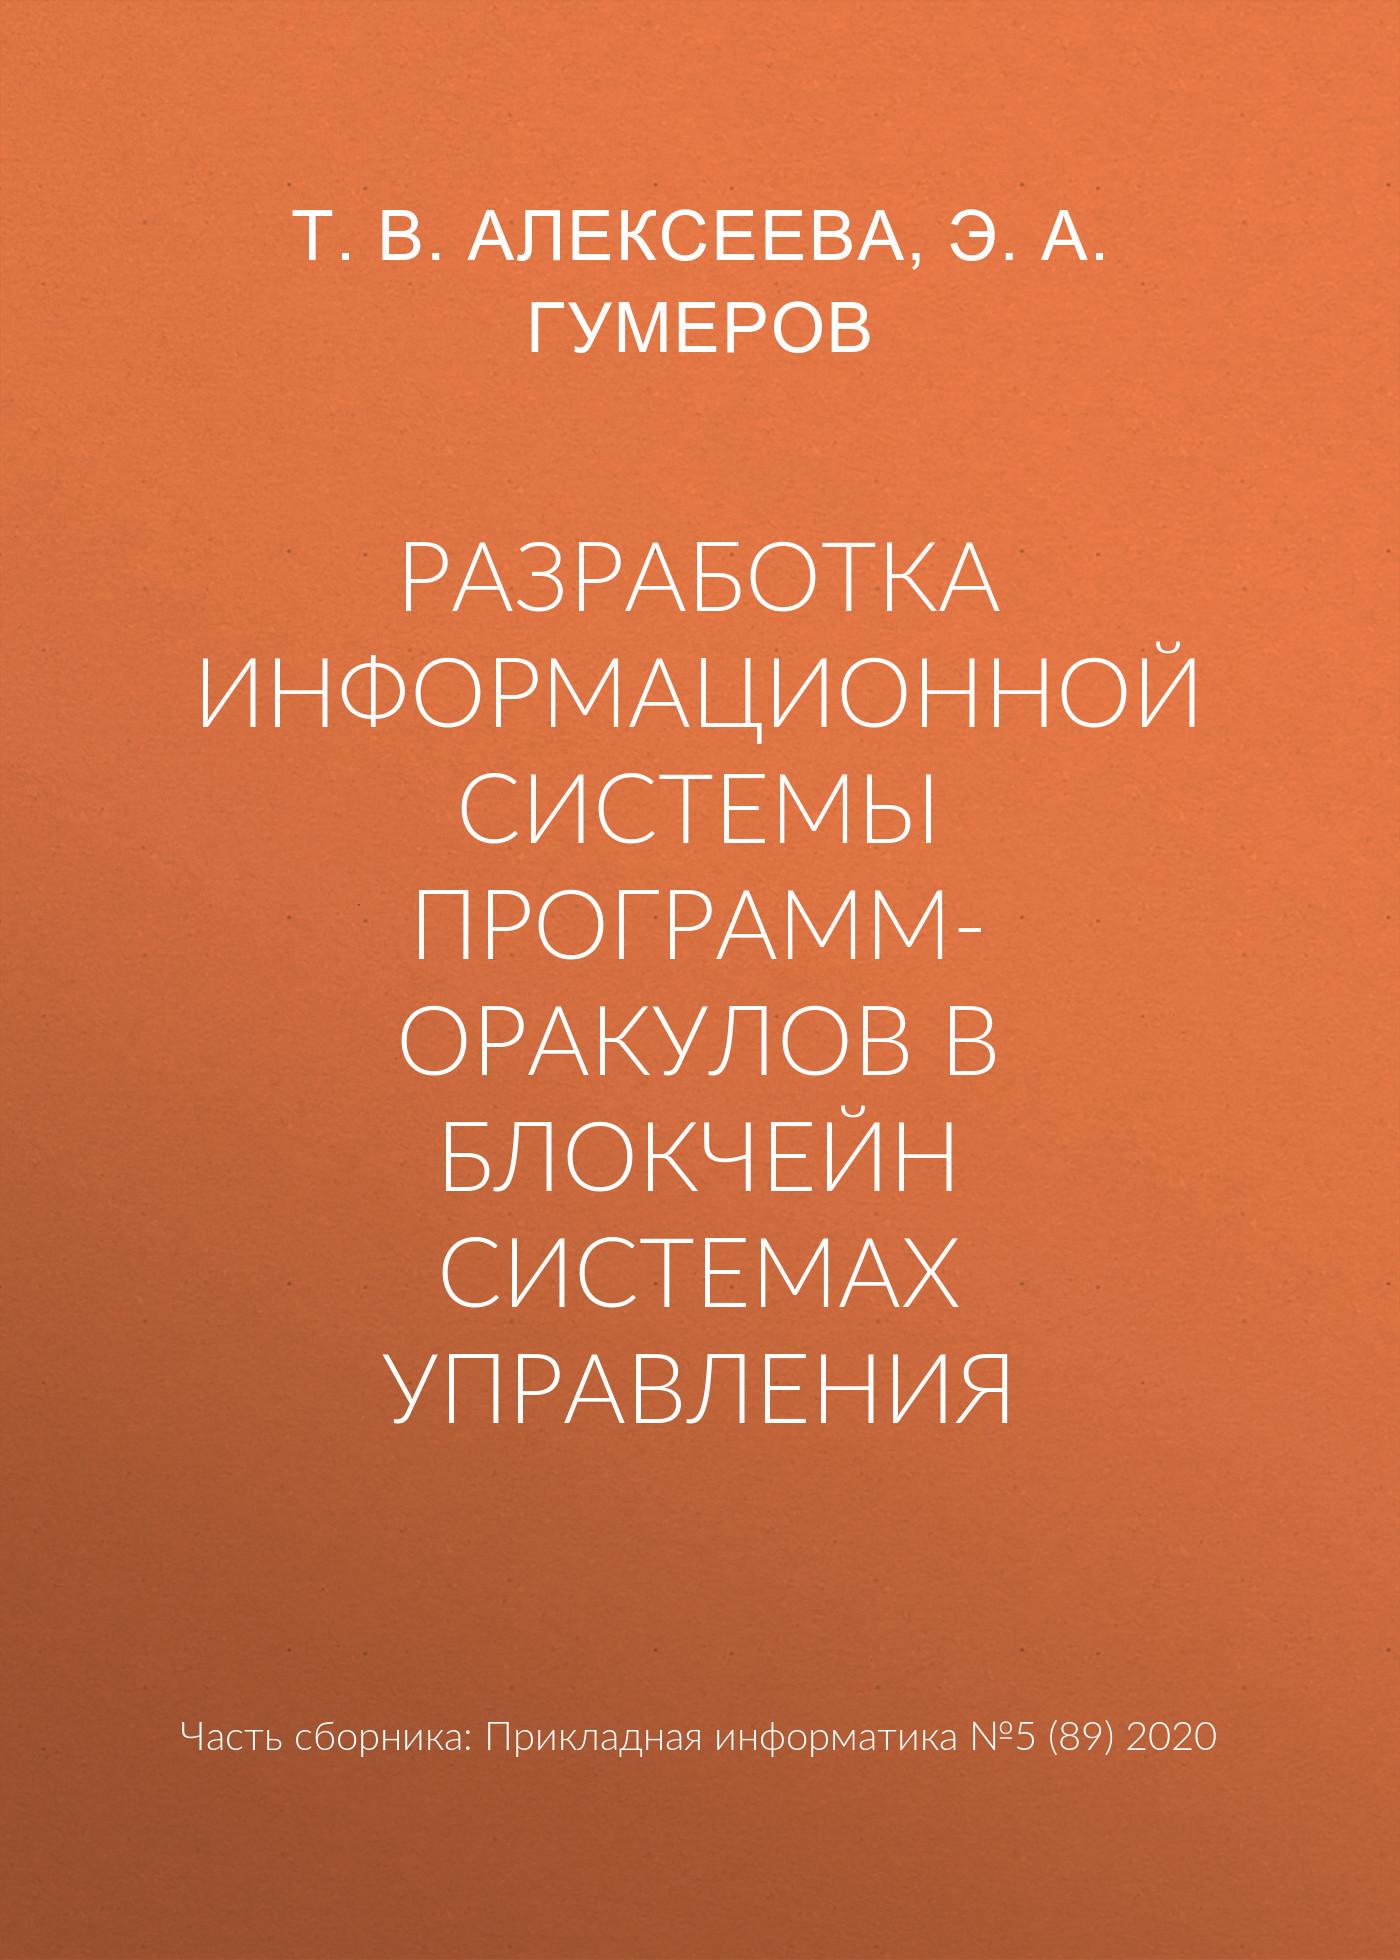 Купить книгу Разработка информационной системы программ-оракулов в блокчейн системах управления, автора Э. А. Гумерова